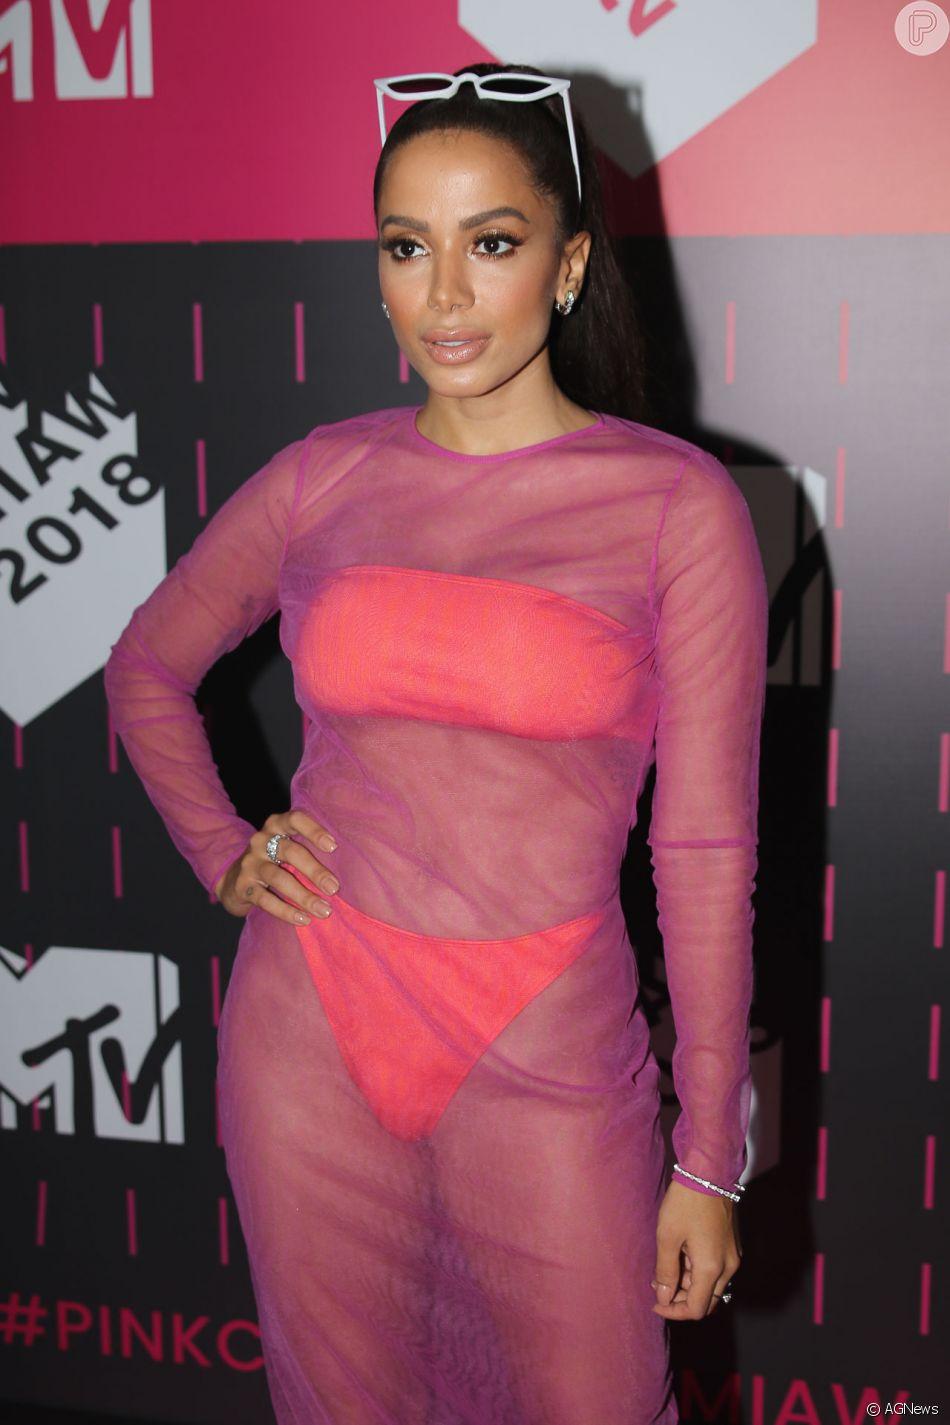 Anitta será uma das atrações do prêmio da MTV, realizado nesta sexta-feira  (23) em SP 1398eb5bd4